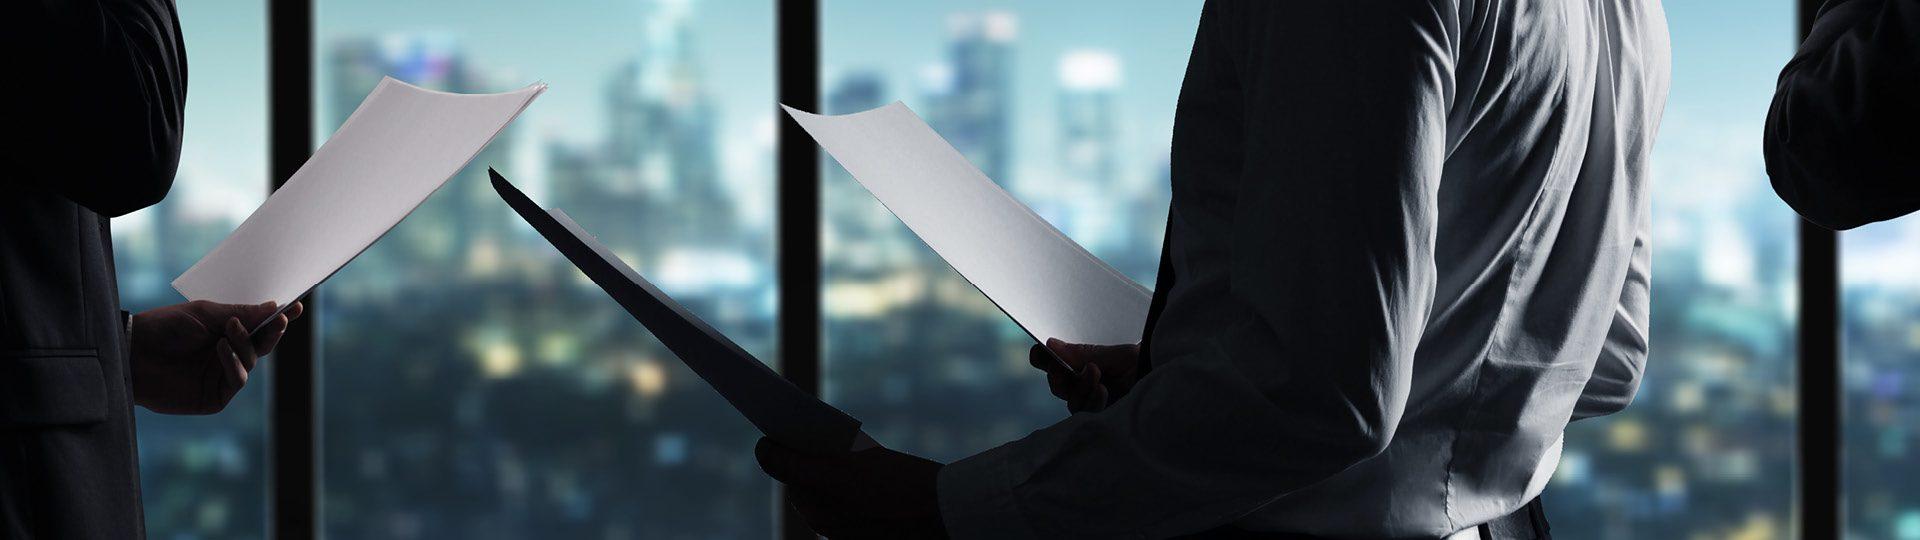 Corporate Risk - Sentinel Risk